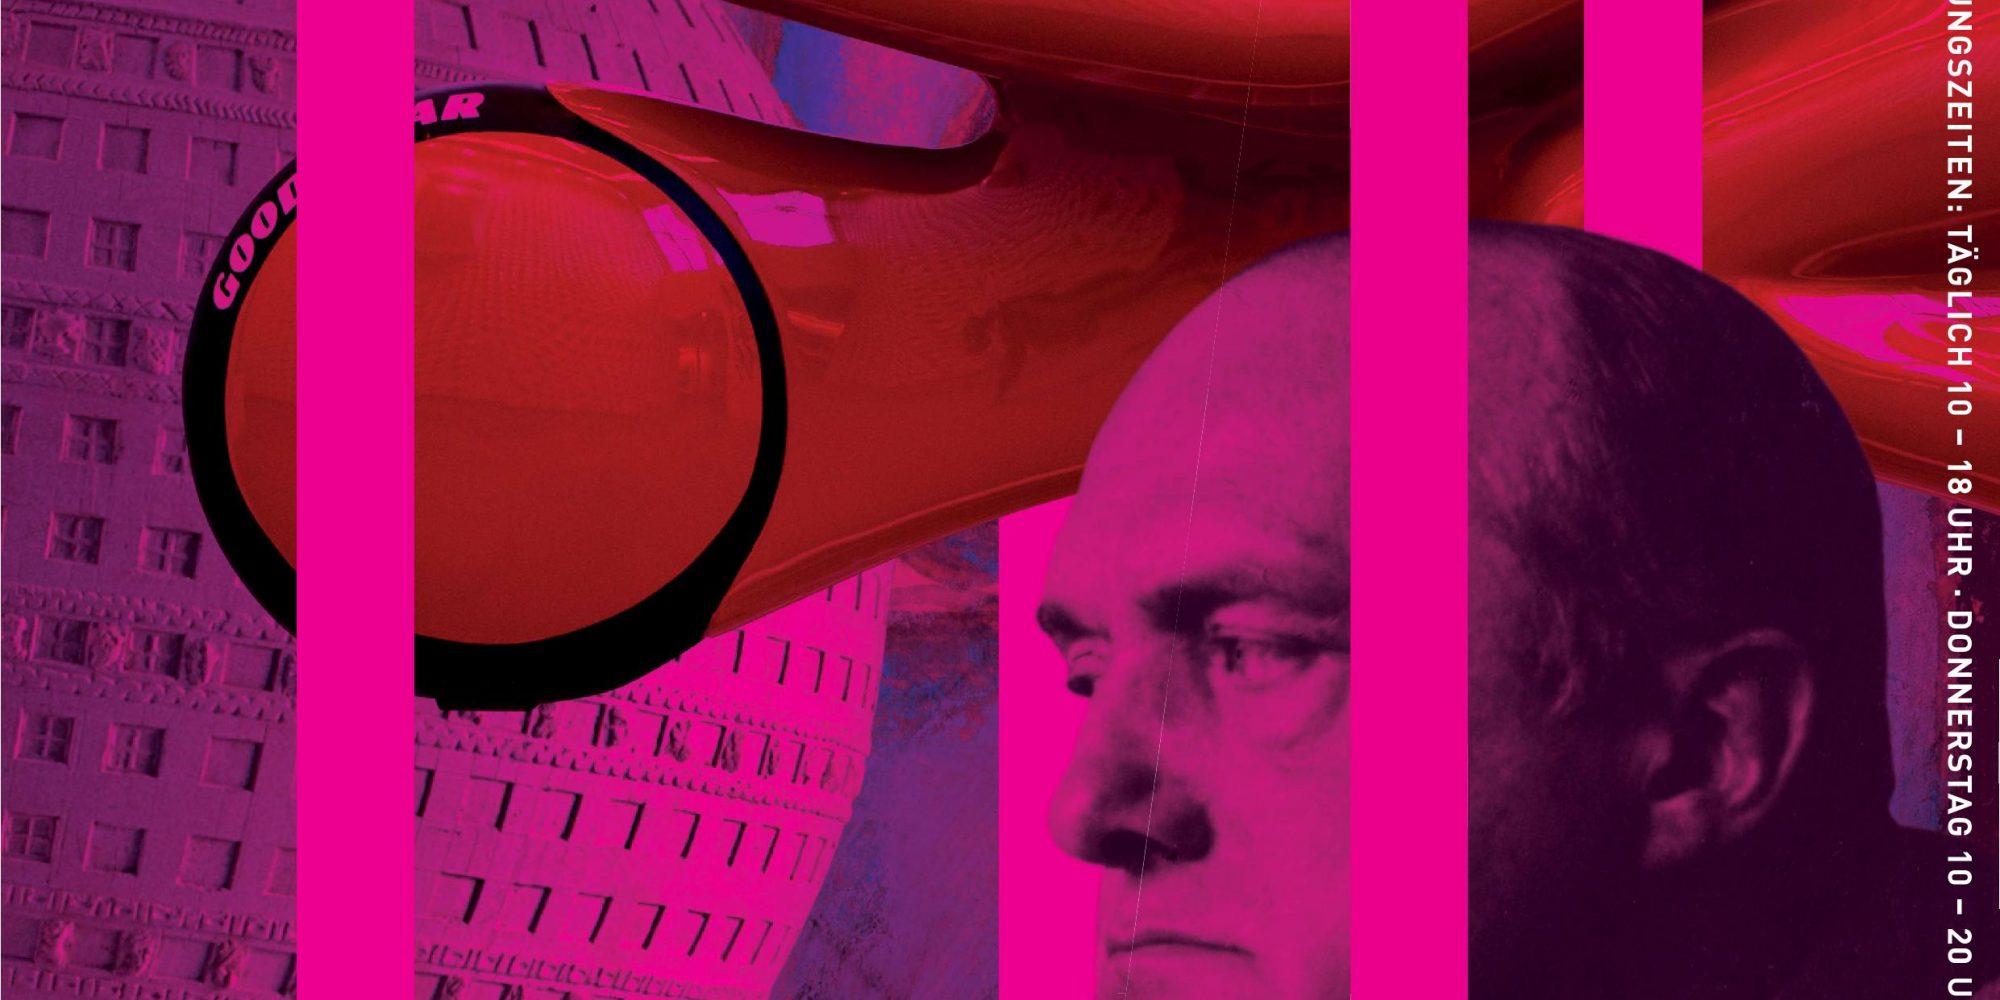 Die Pinakothek der Moderne vereint vier Museen unter einem Dach © Pinakothek der Moderne